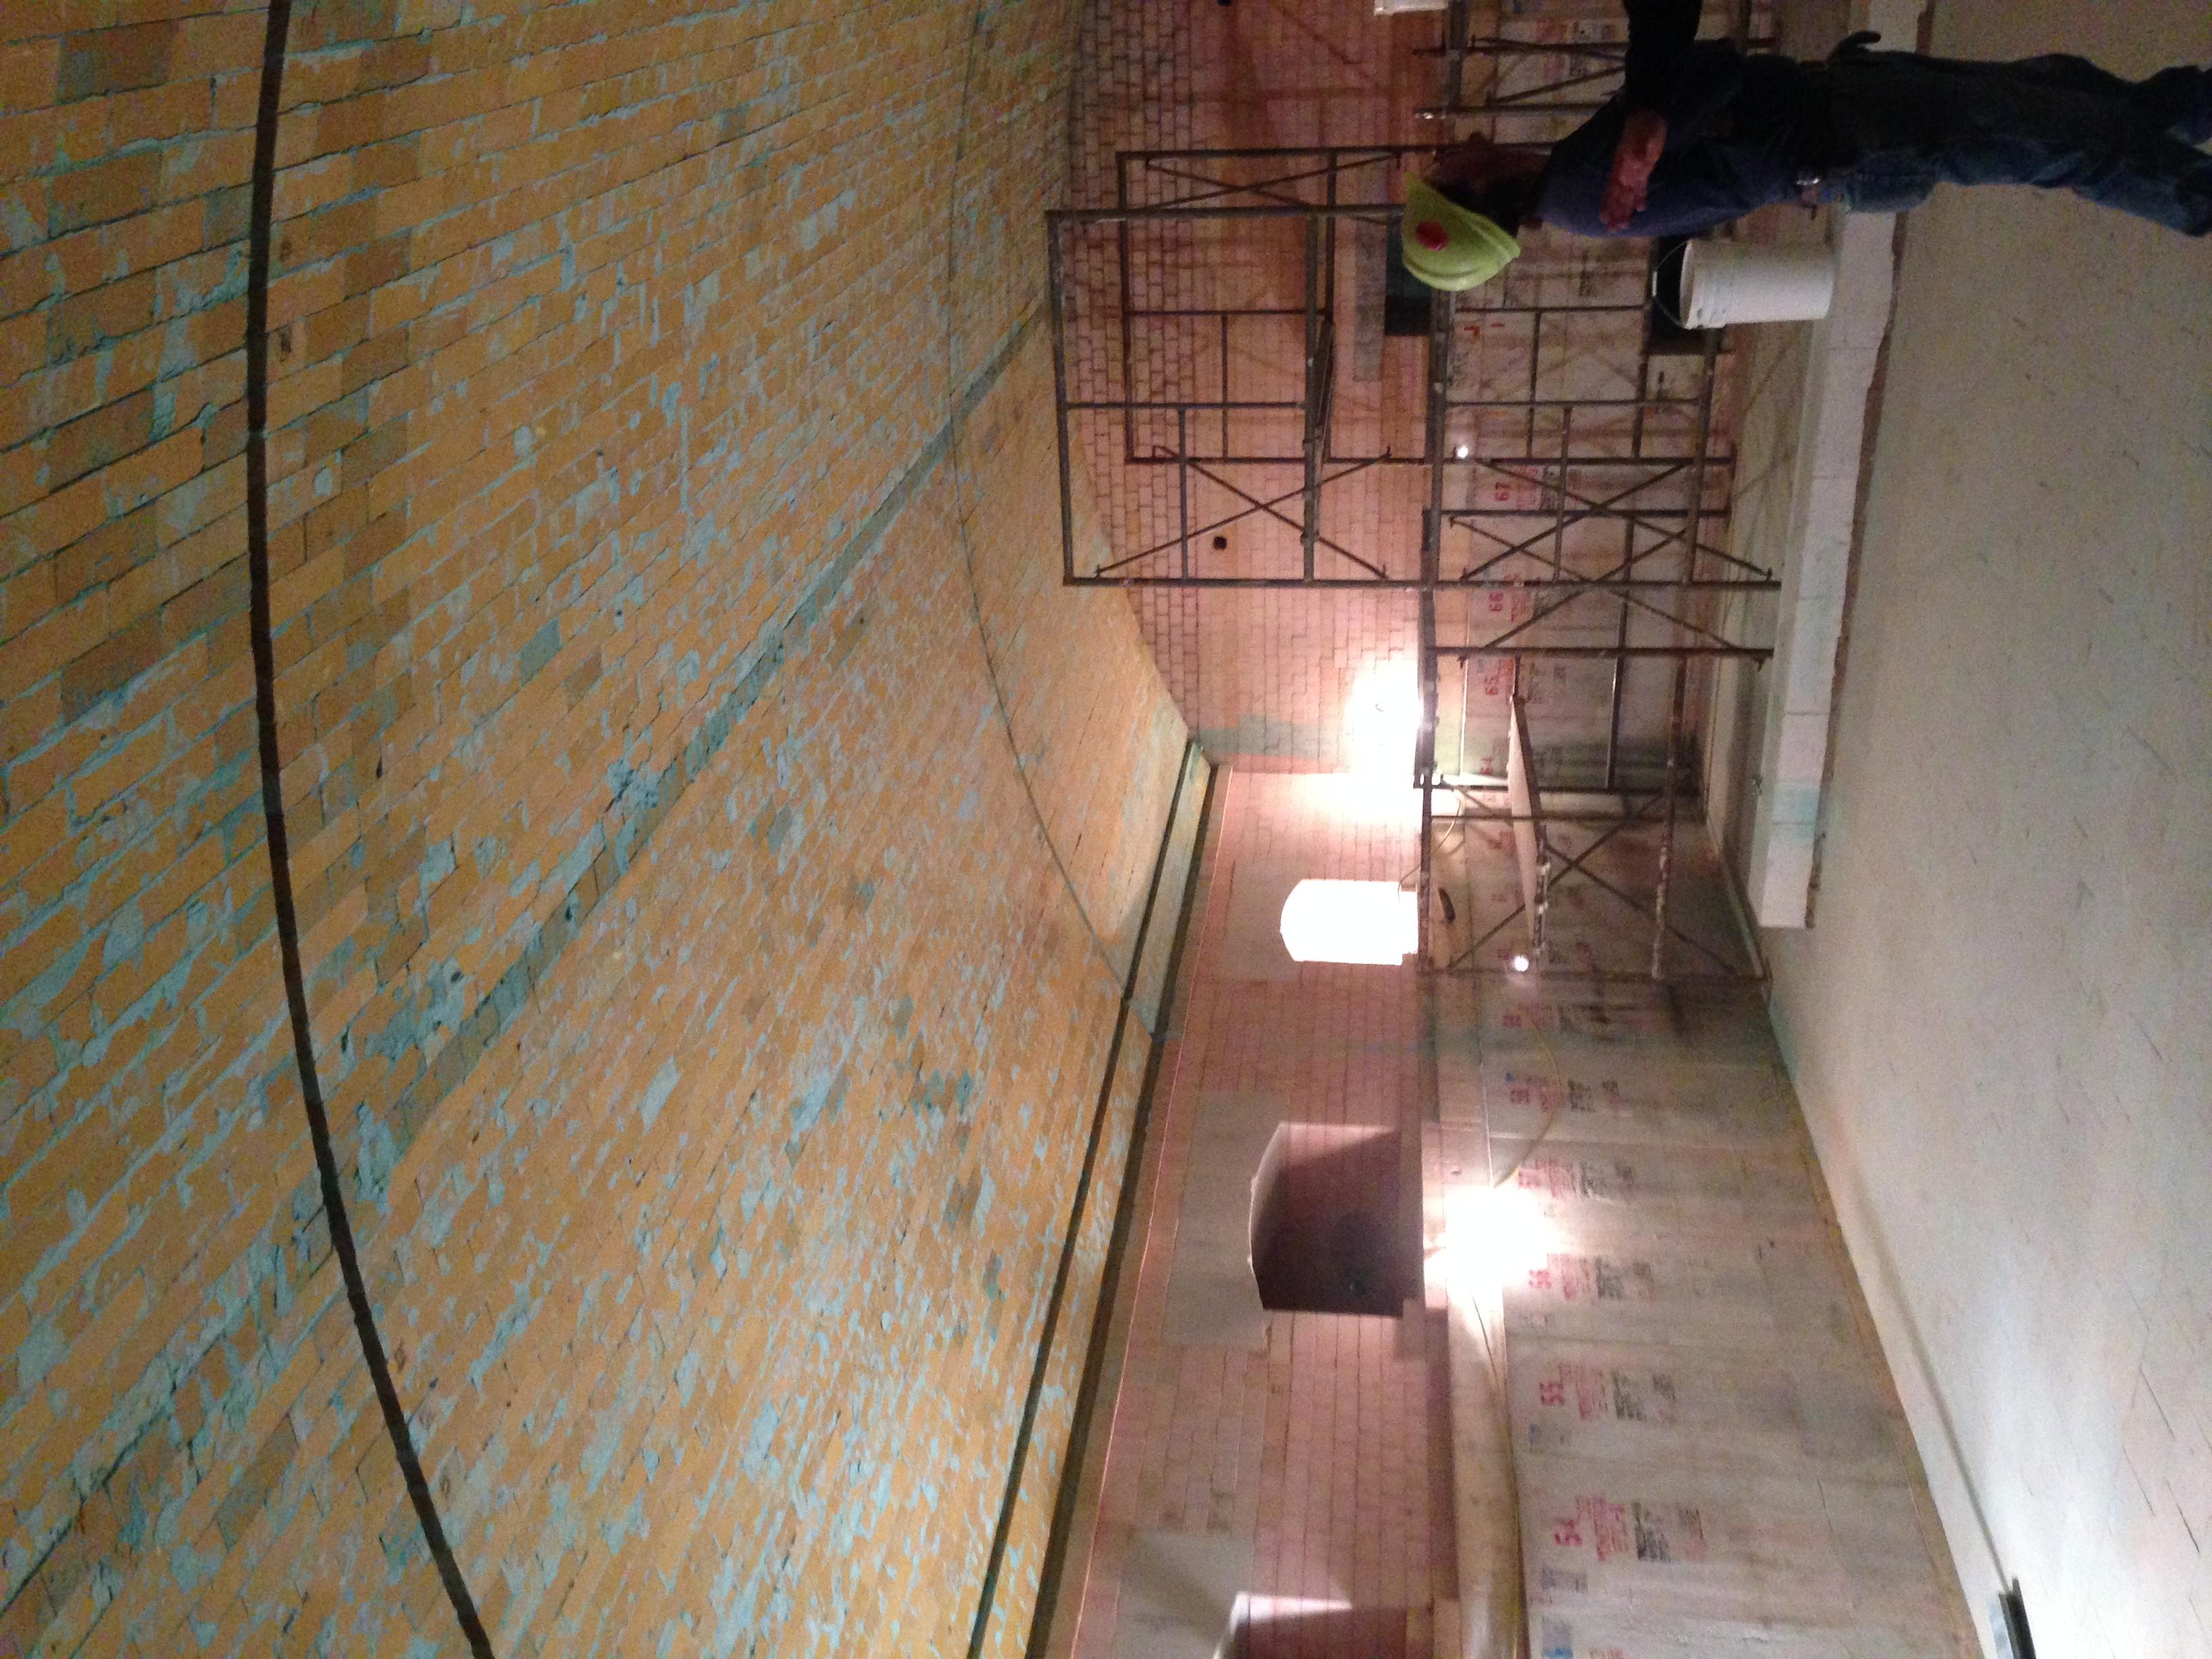 Heimbrock Reline and Rebuild 012